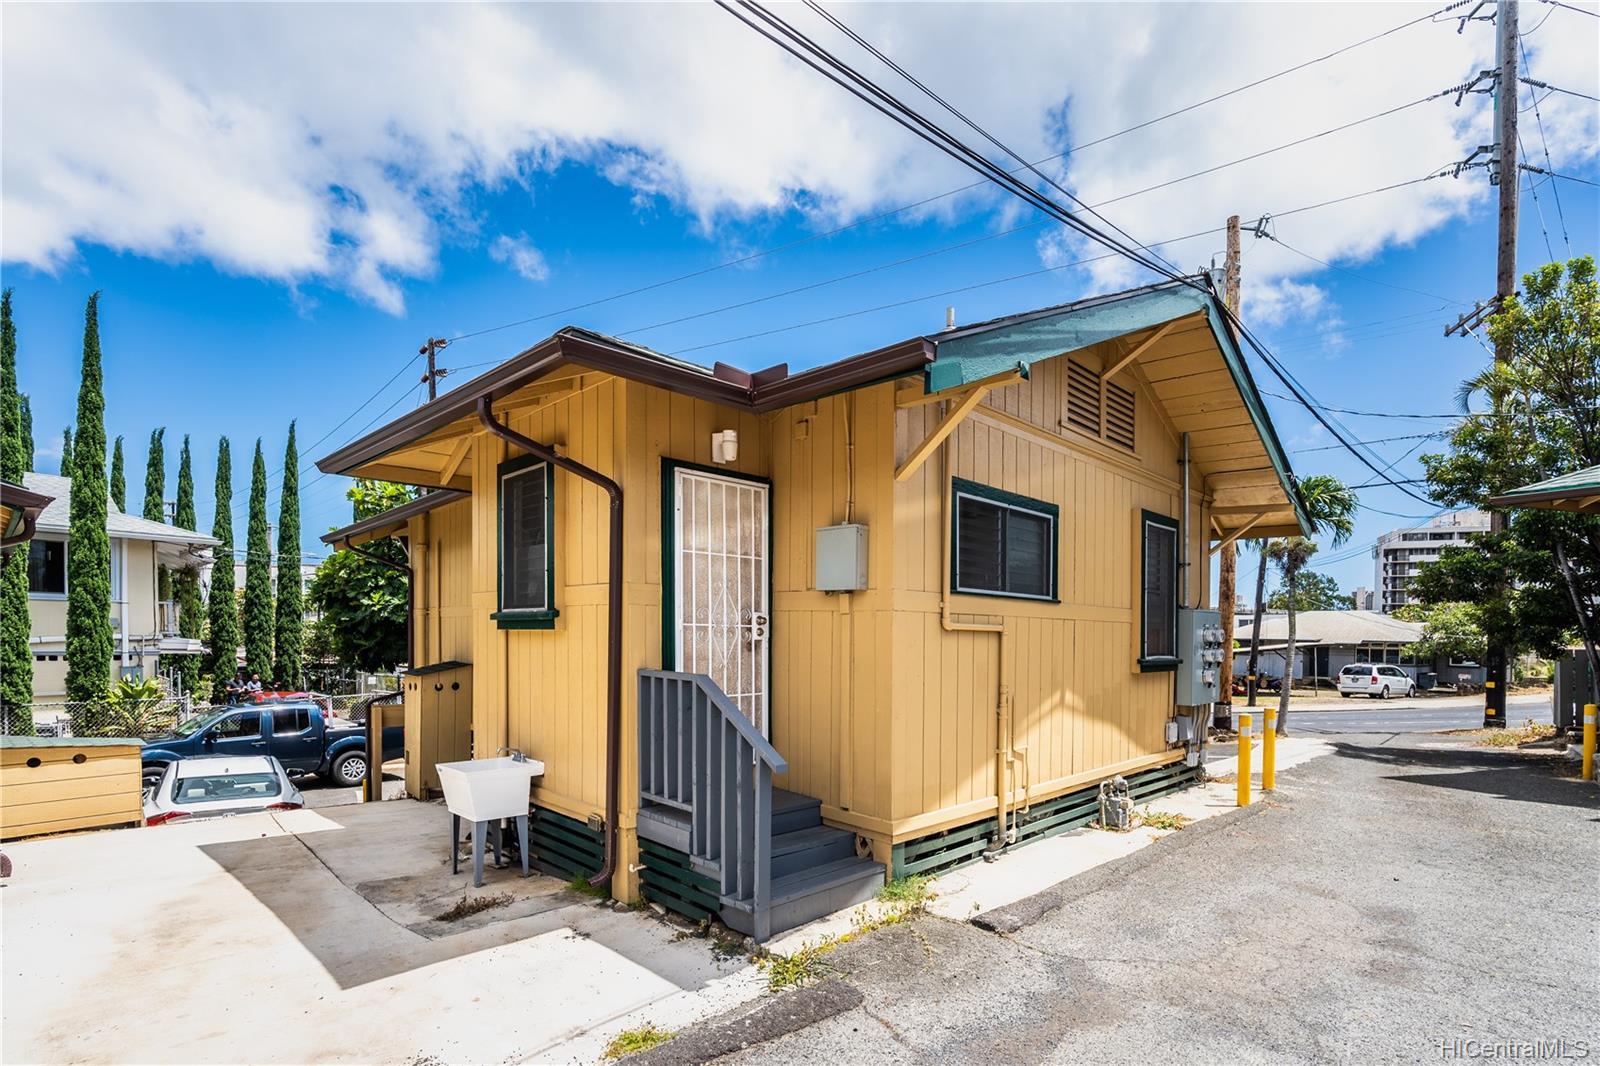 2816 Waialae Ave Honolulu - Multi-family - photo 18 of 21